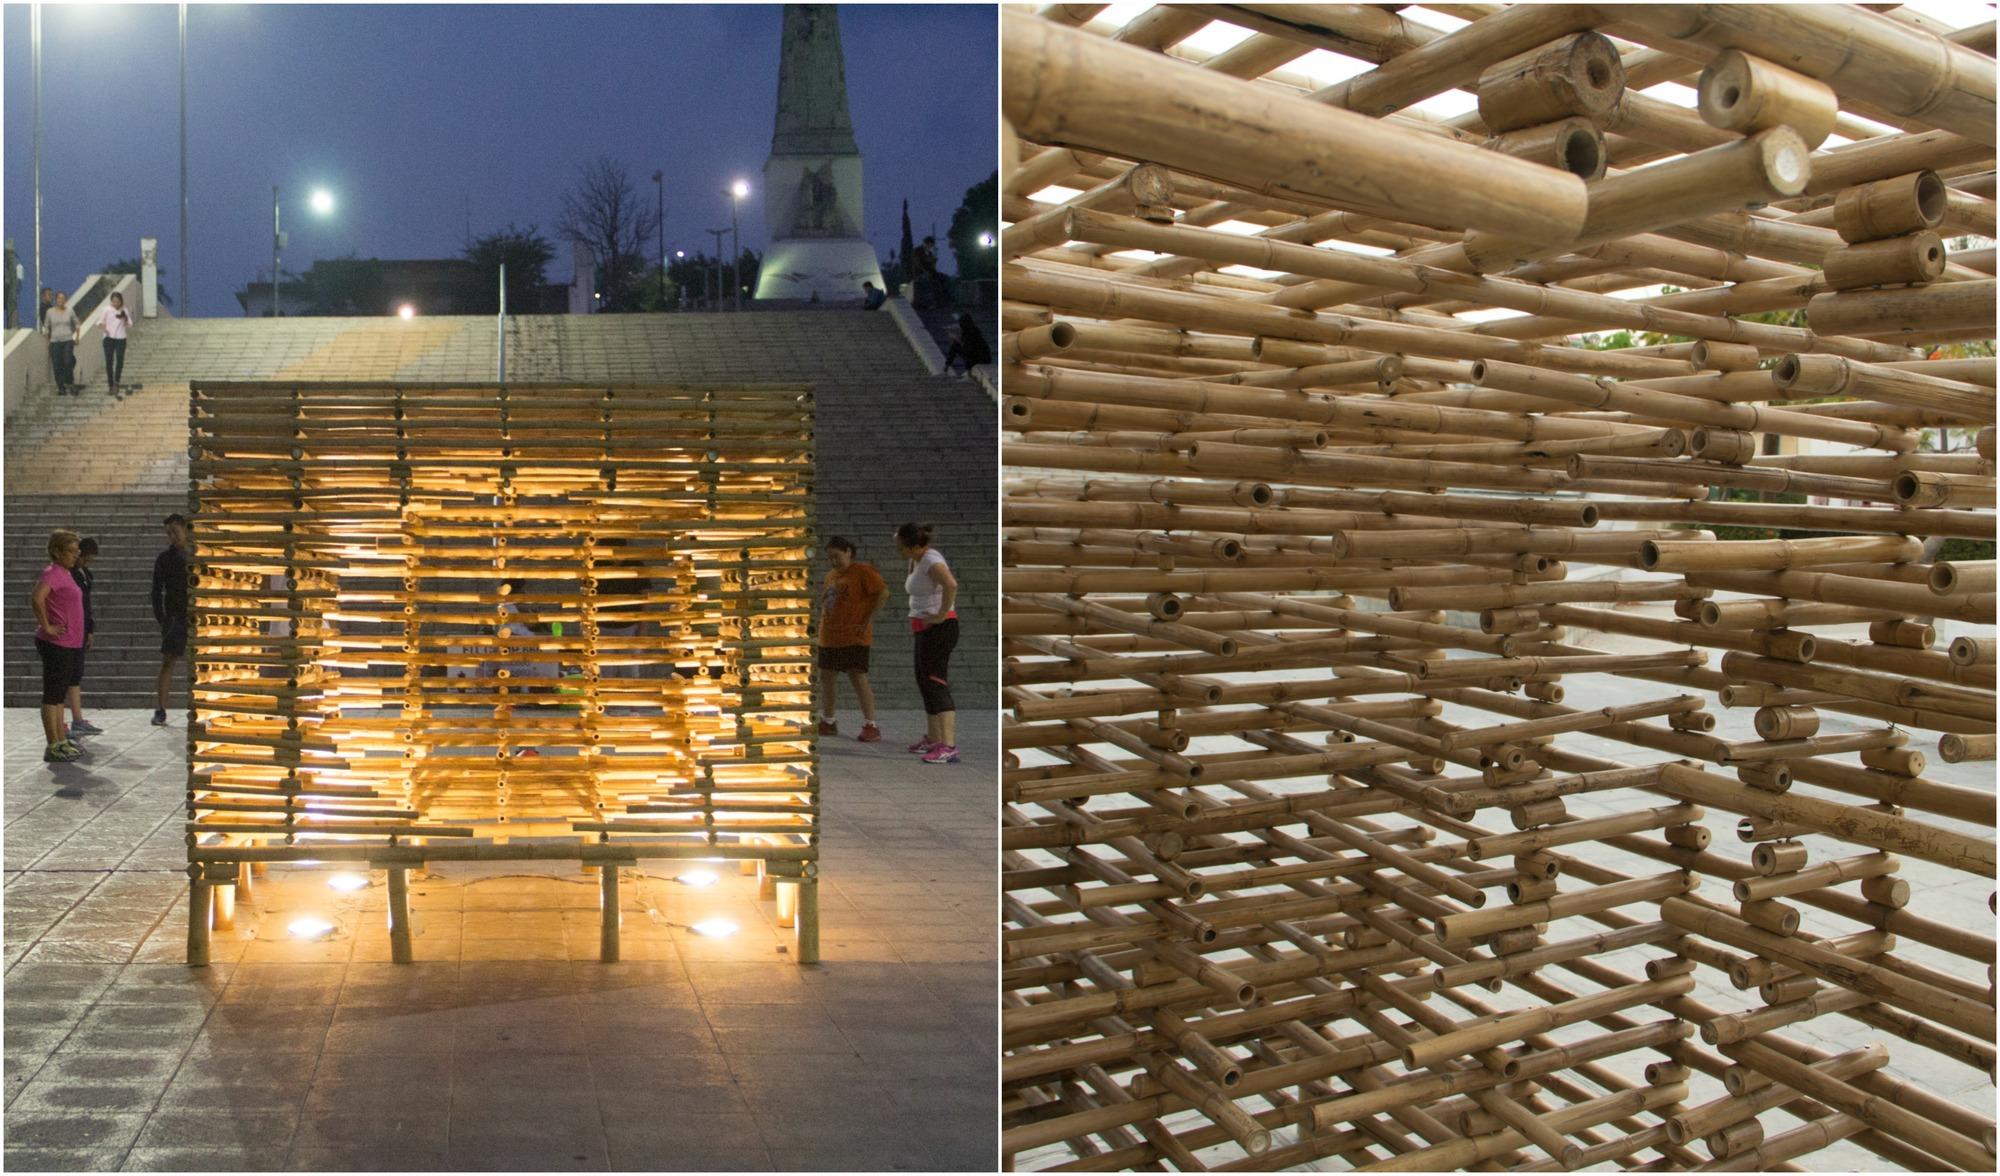 Se construye propuesta ganadora del 'Concurso para la Intervención del Espacio Urbano' por Festival Provincia